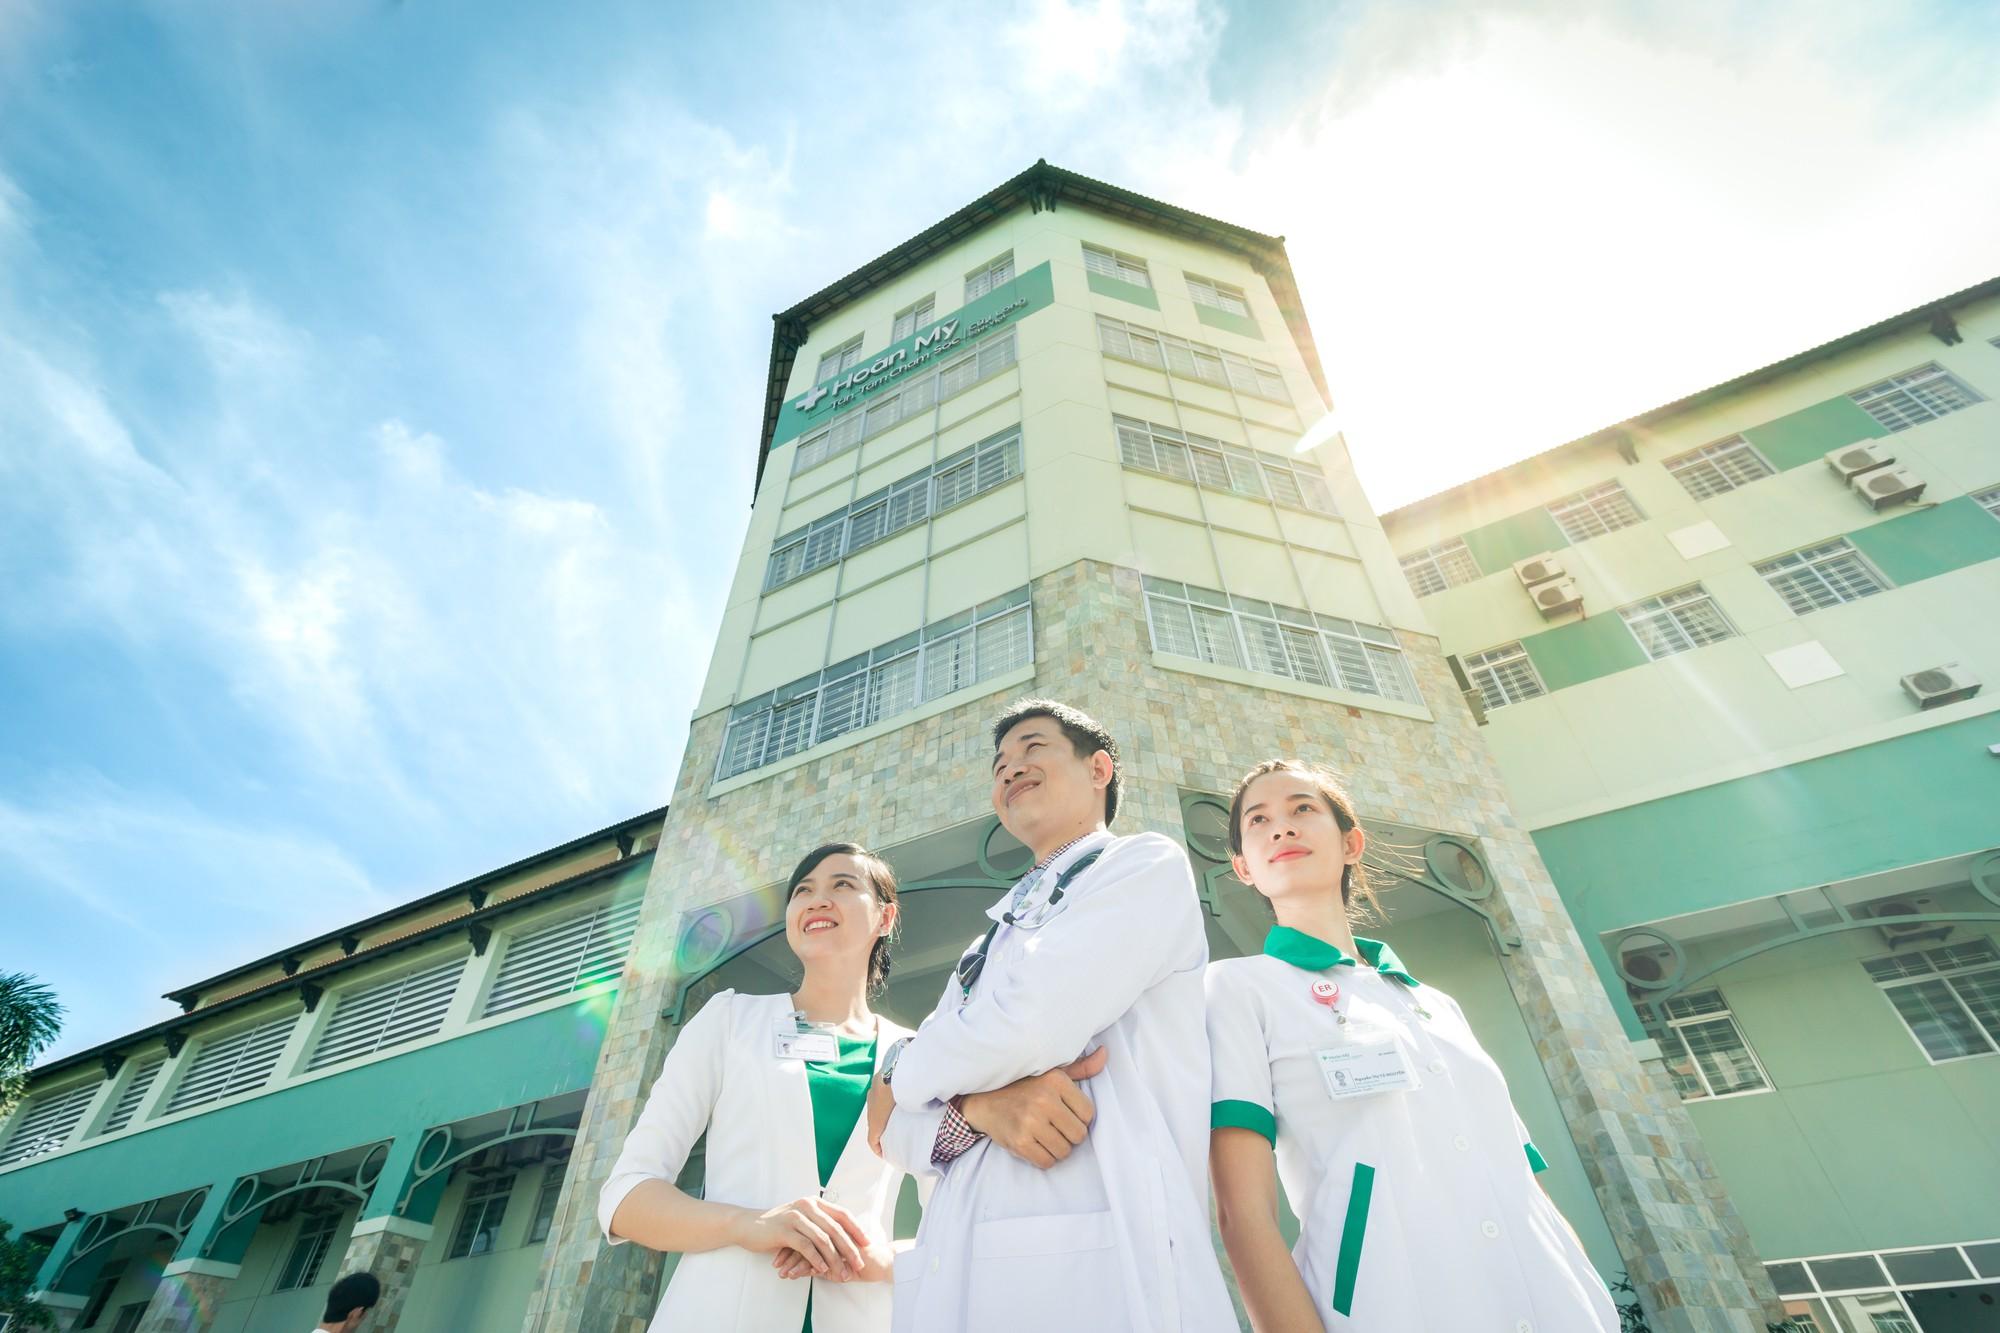 Bệnh viện tư nhân uy tín tphcm đa khoa hoàn mỹ